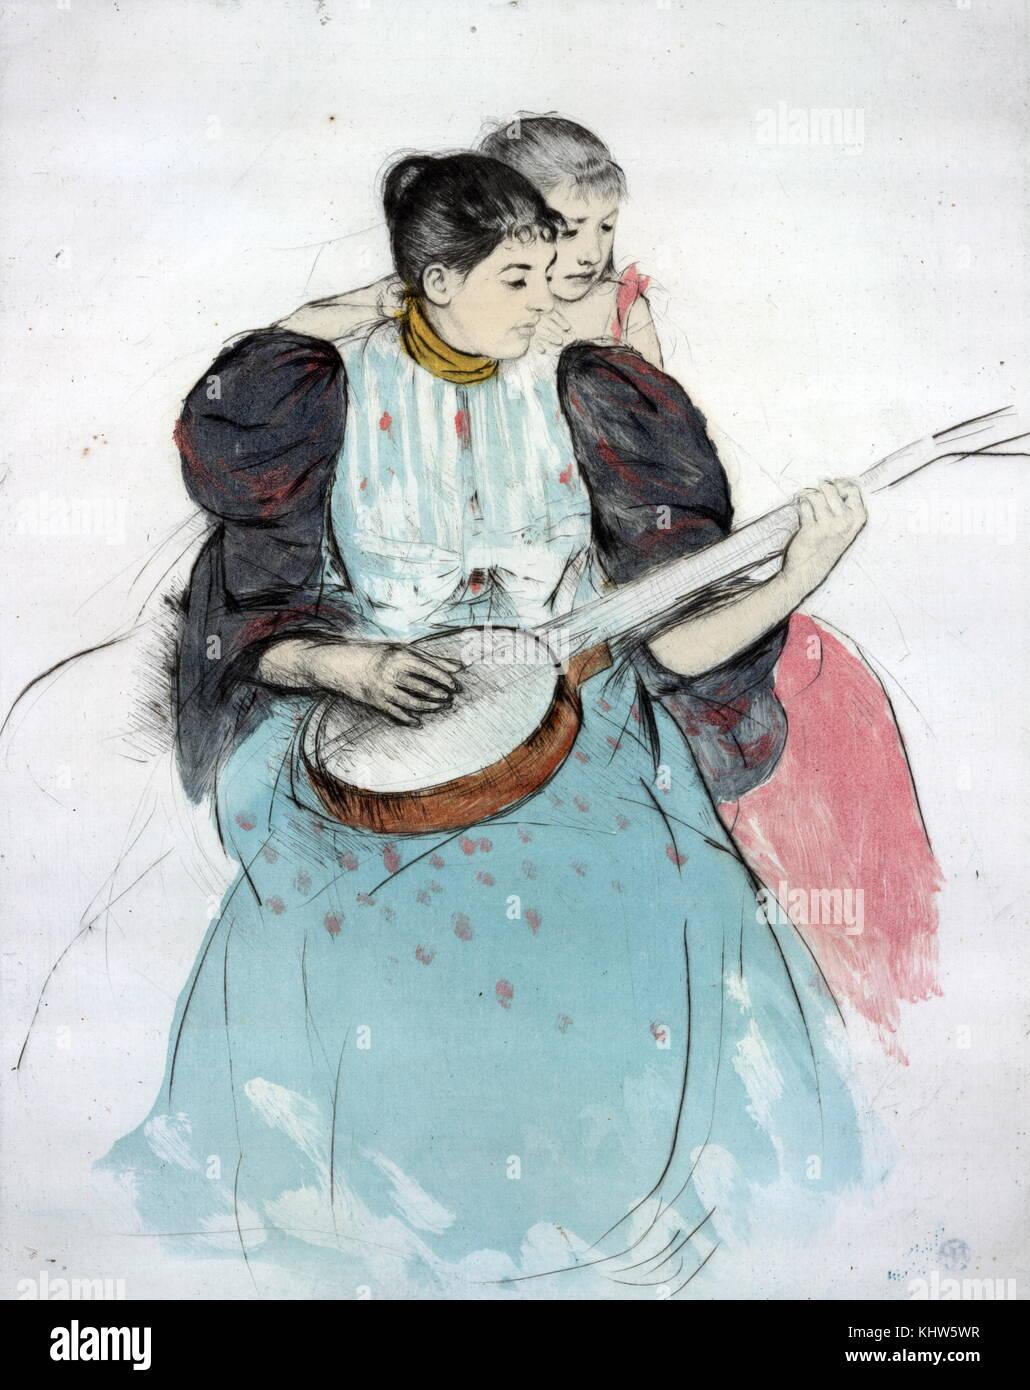 """Gemälde mit dem Titel """"Die Banjo Lektion"""" von Mary Cassatt. Mary Cassatt (1844-1926) ein US-amerikanischer Maler Stockfoto"""